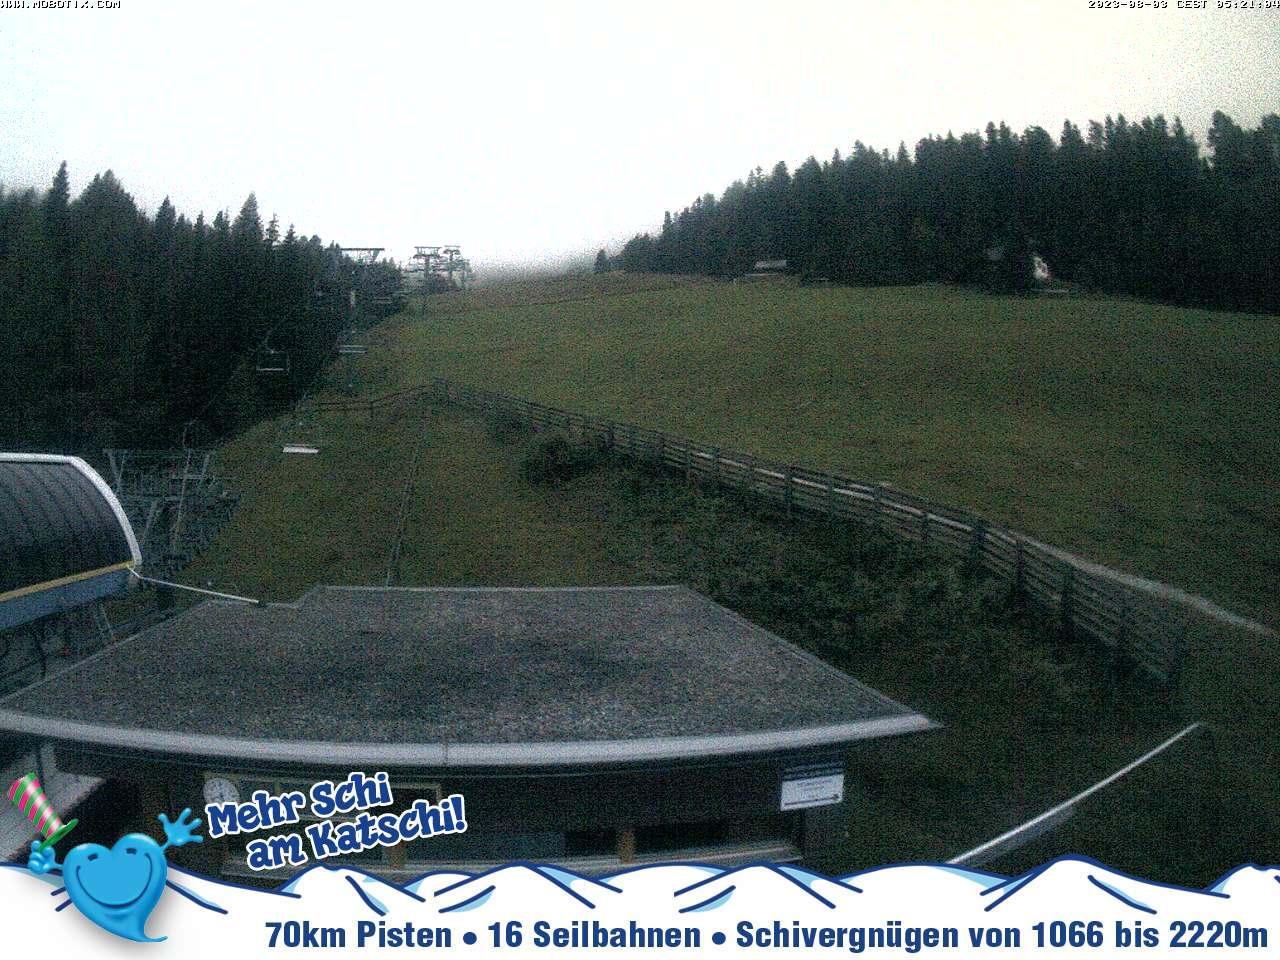 katschi Webcam